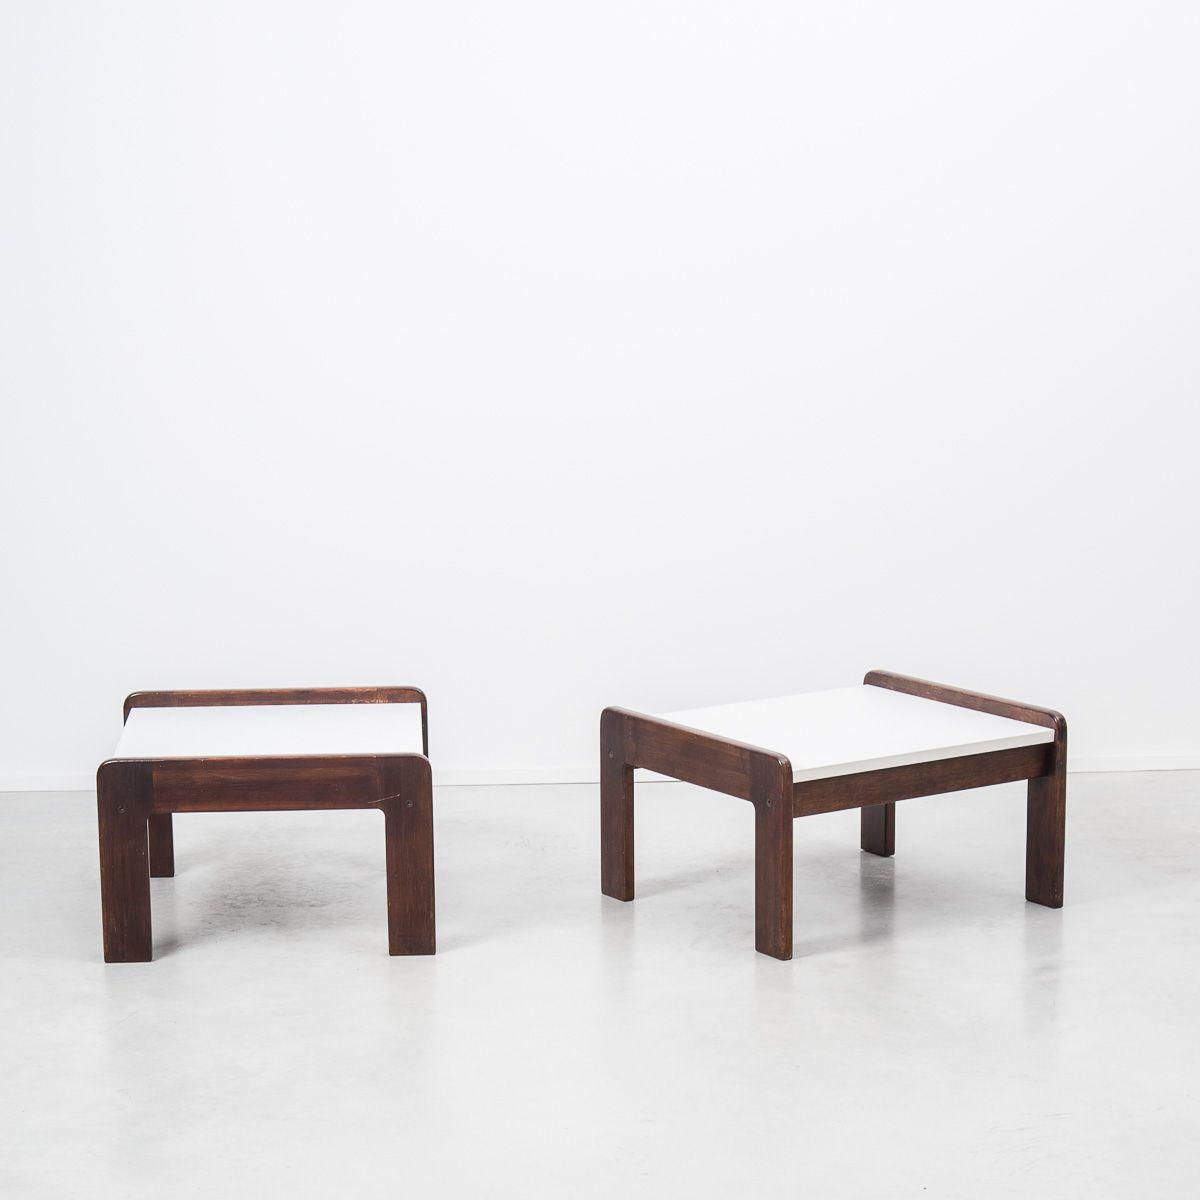 dutch wenge side table by martin visser for t spectrum. Black Bedroom Furniture Sets. Home Design Ideas